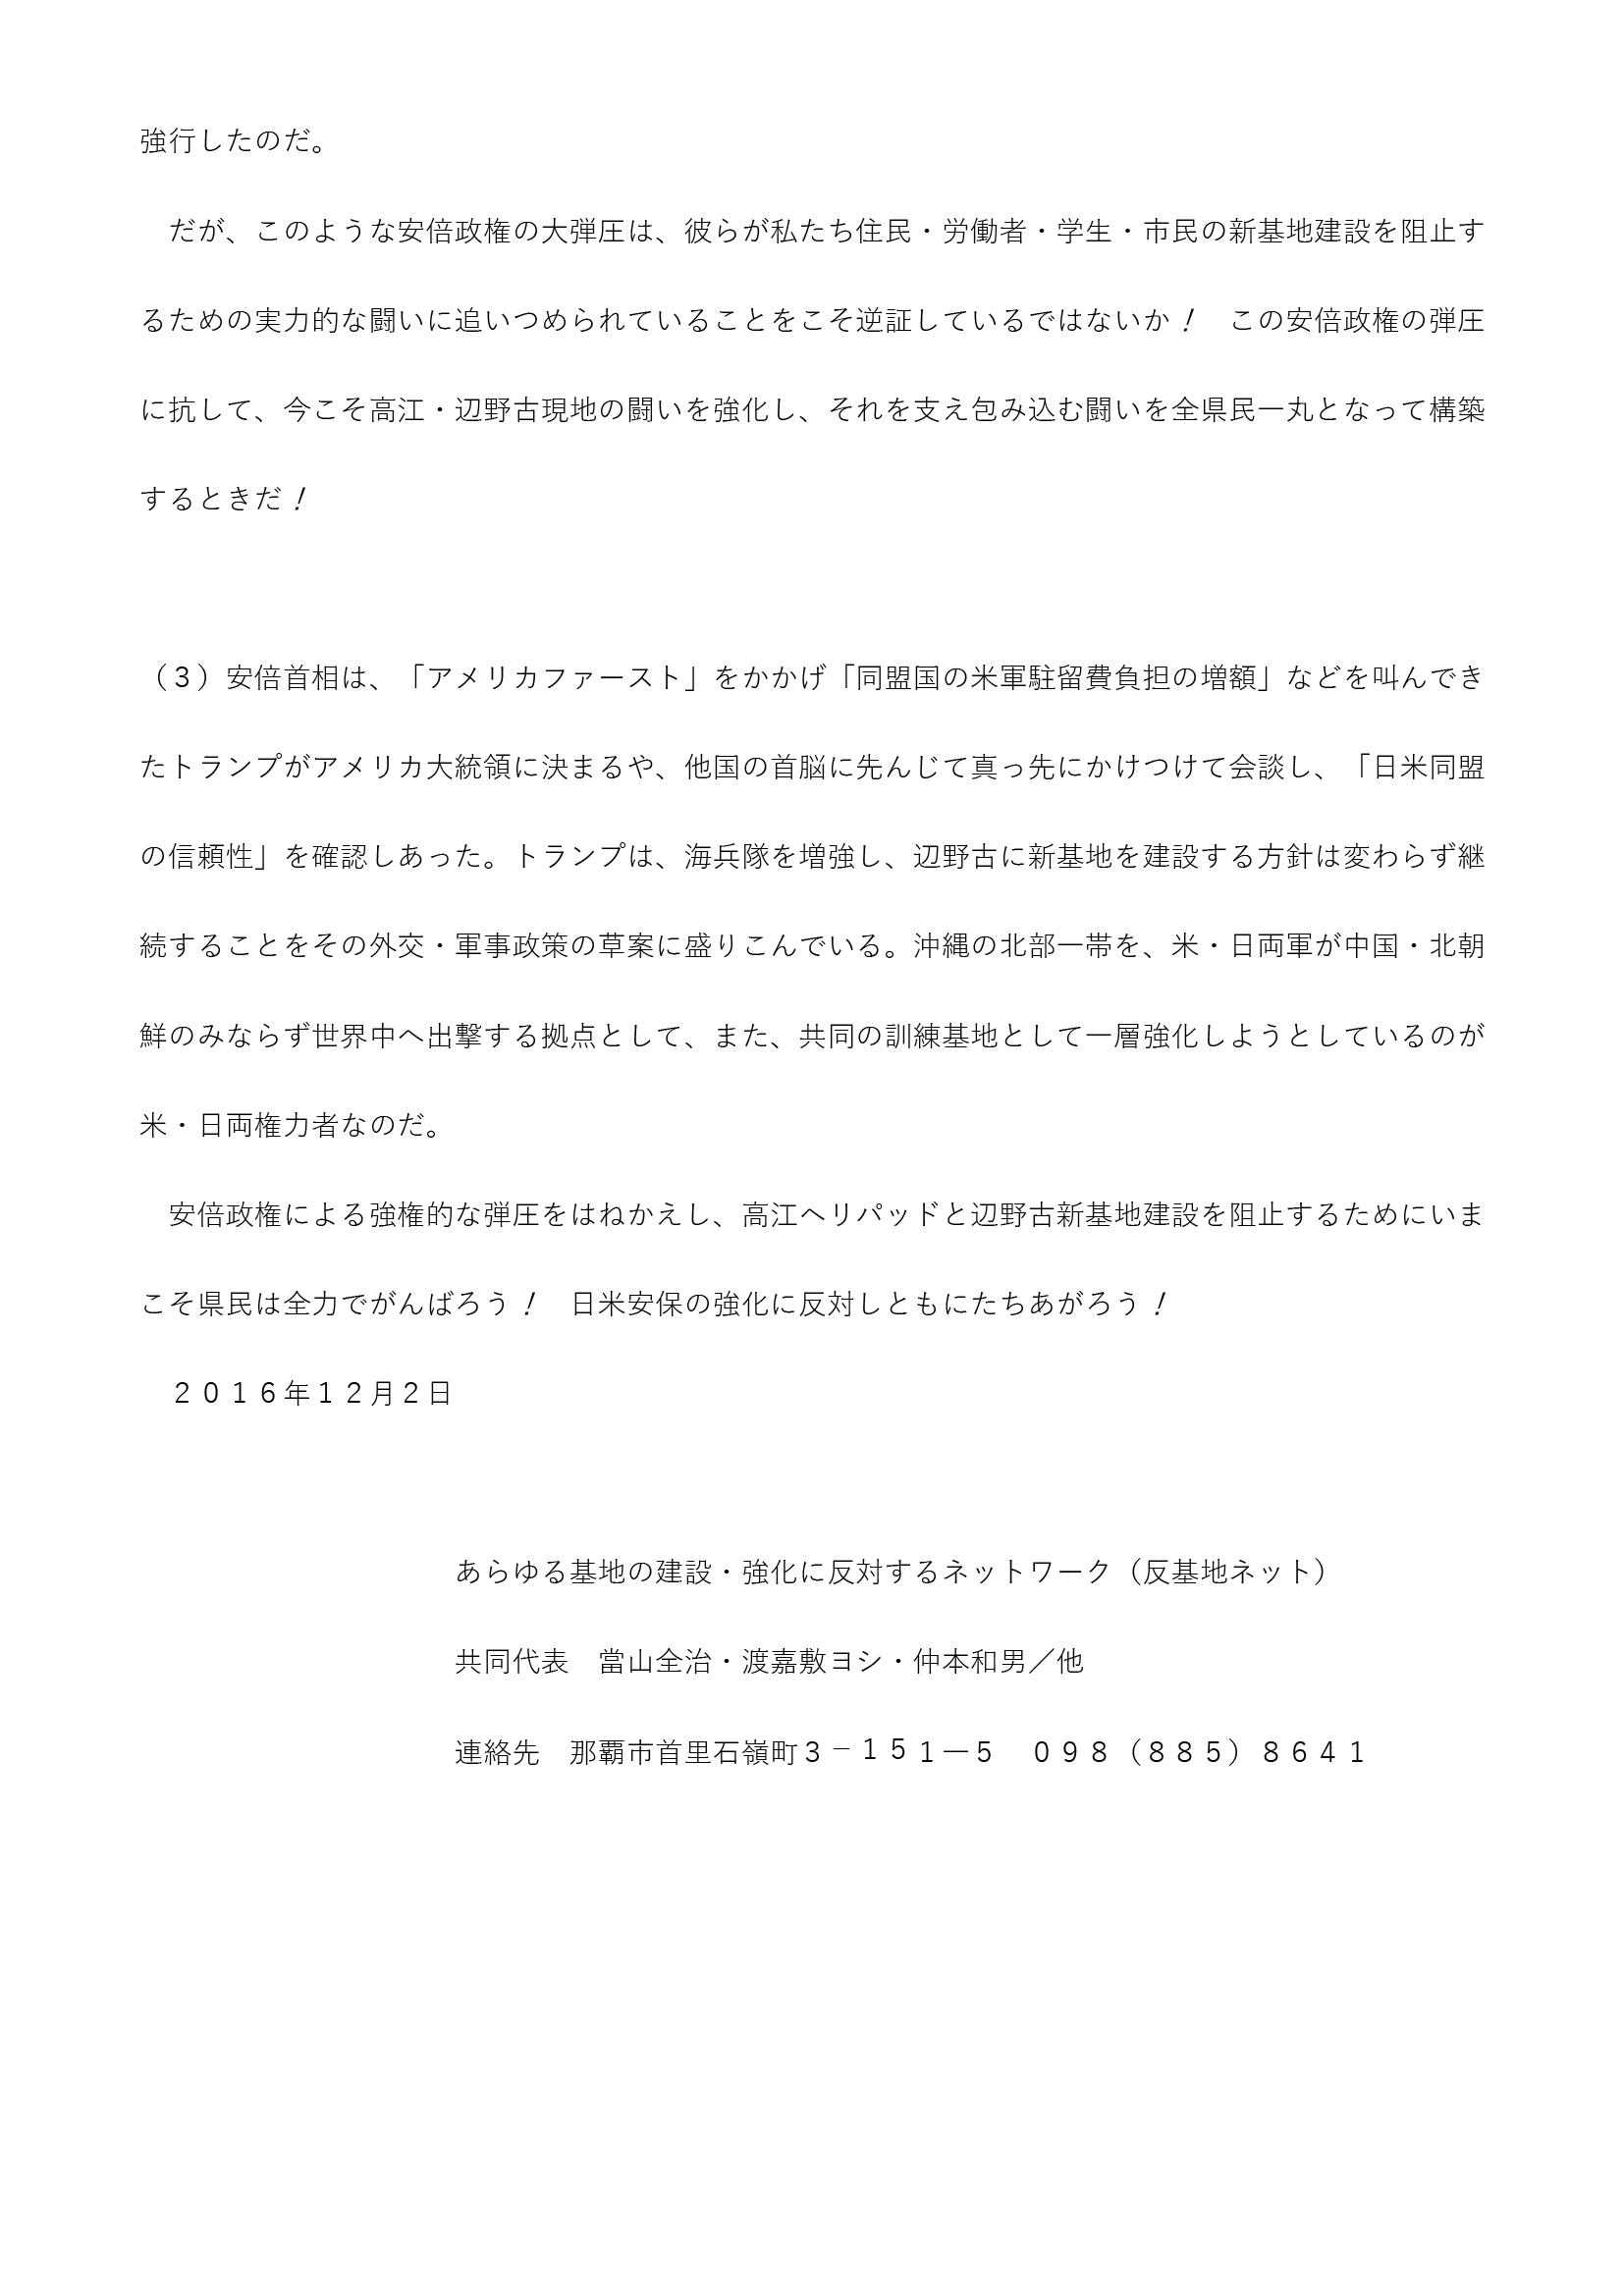 反基地ネット声明02